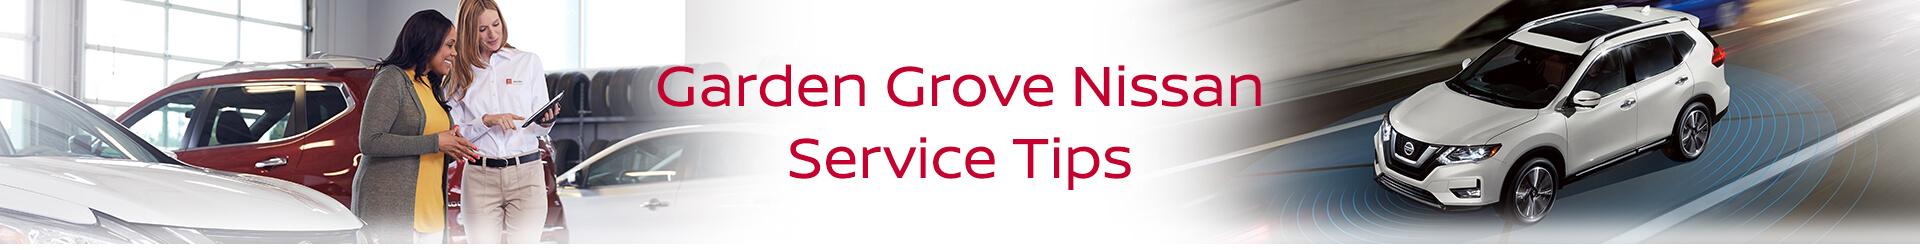 Garden Grove Nissan Service Tips